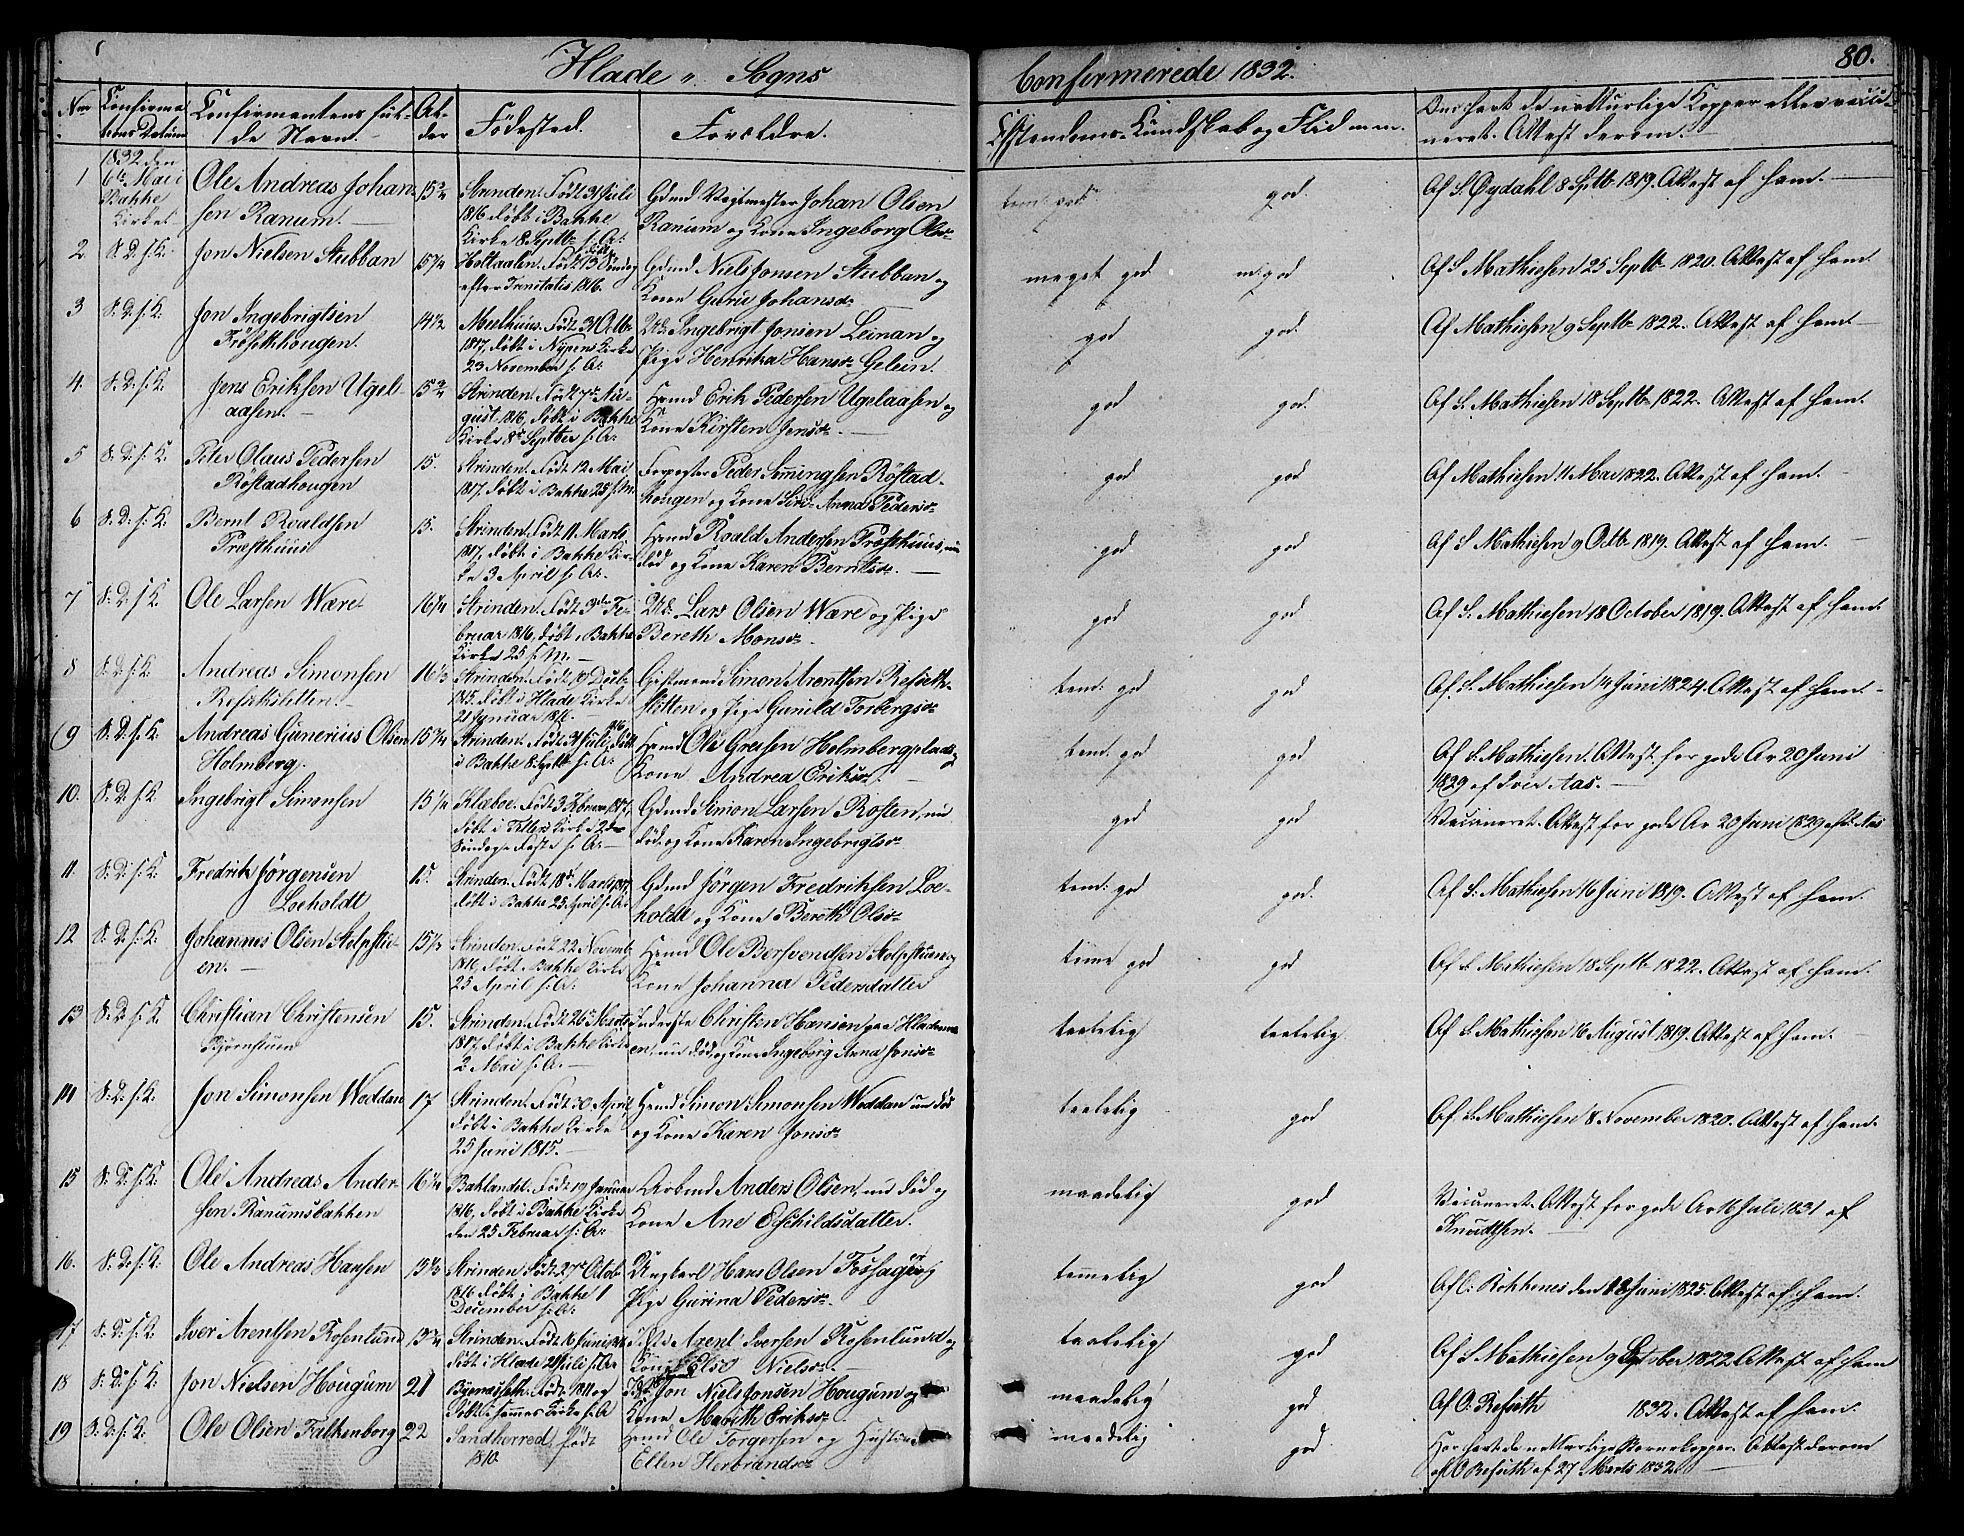 SAT, Ministerialprotokoller, klokkerbøker og fødselsregistre - Sør-Trøndelag, 606/L0308: Klokkerbok nr. 606C04, 1829-1840, s. 80